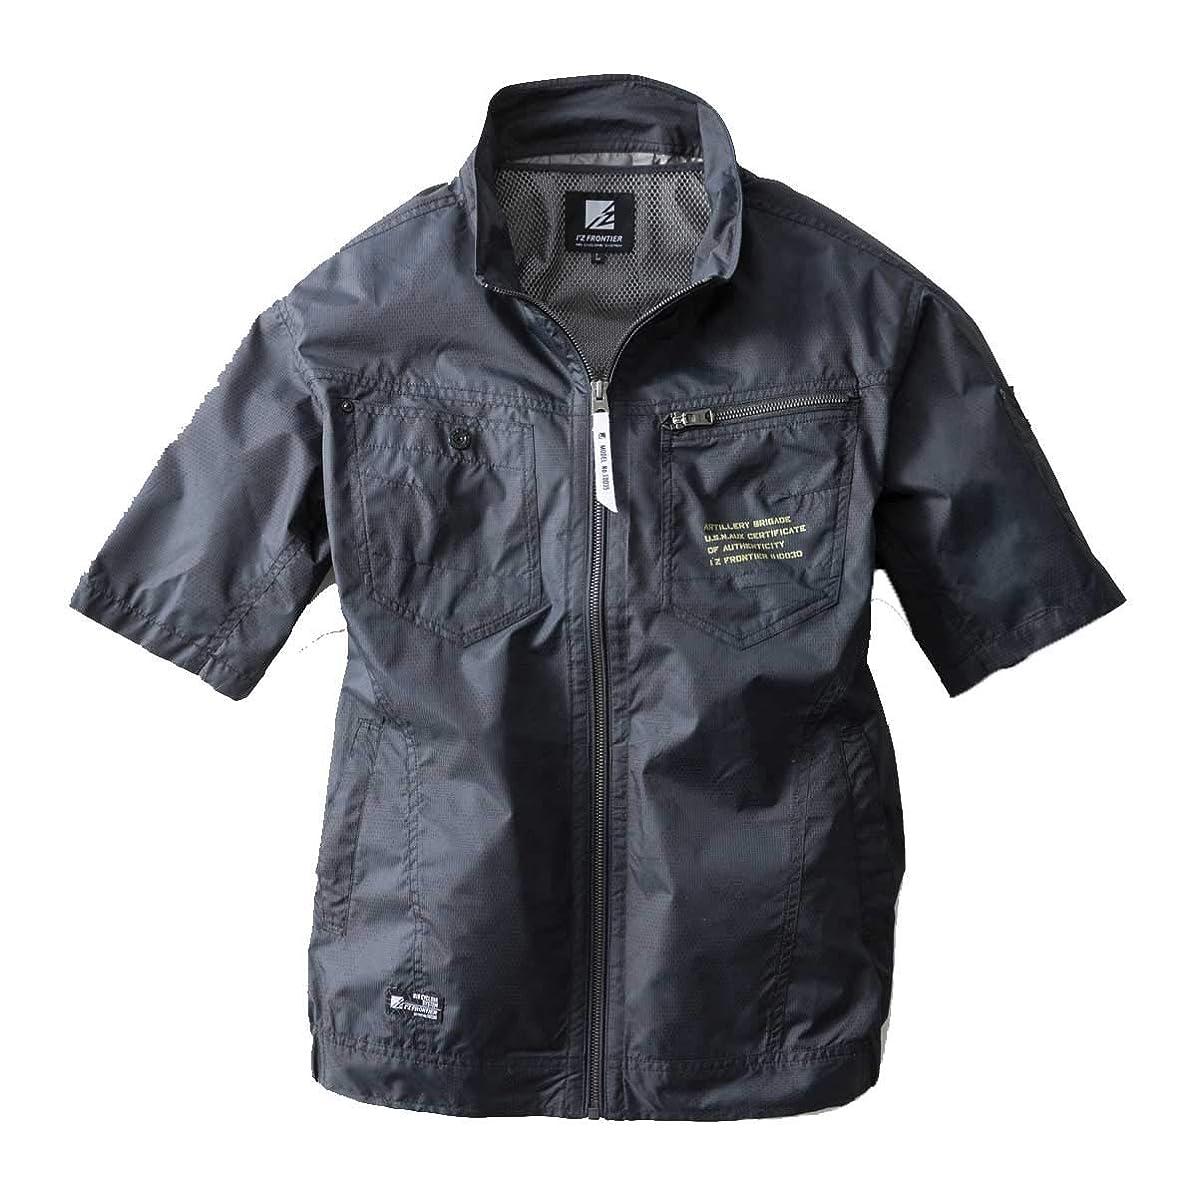 良さシャンプーポンプ限定空調服 アイズフロンティア 半袖ブルゾン(ファンなし) 10035